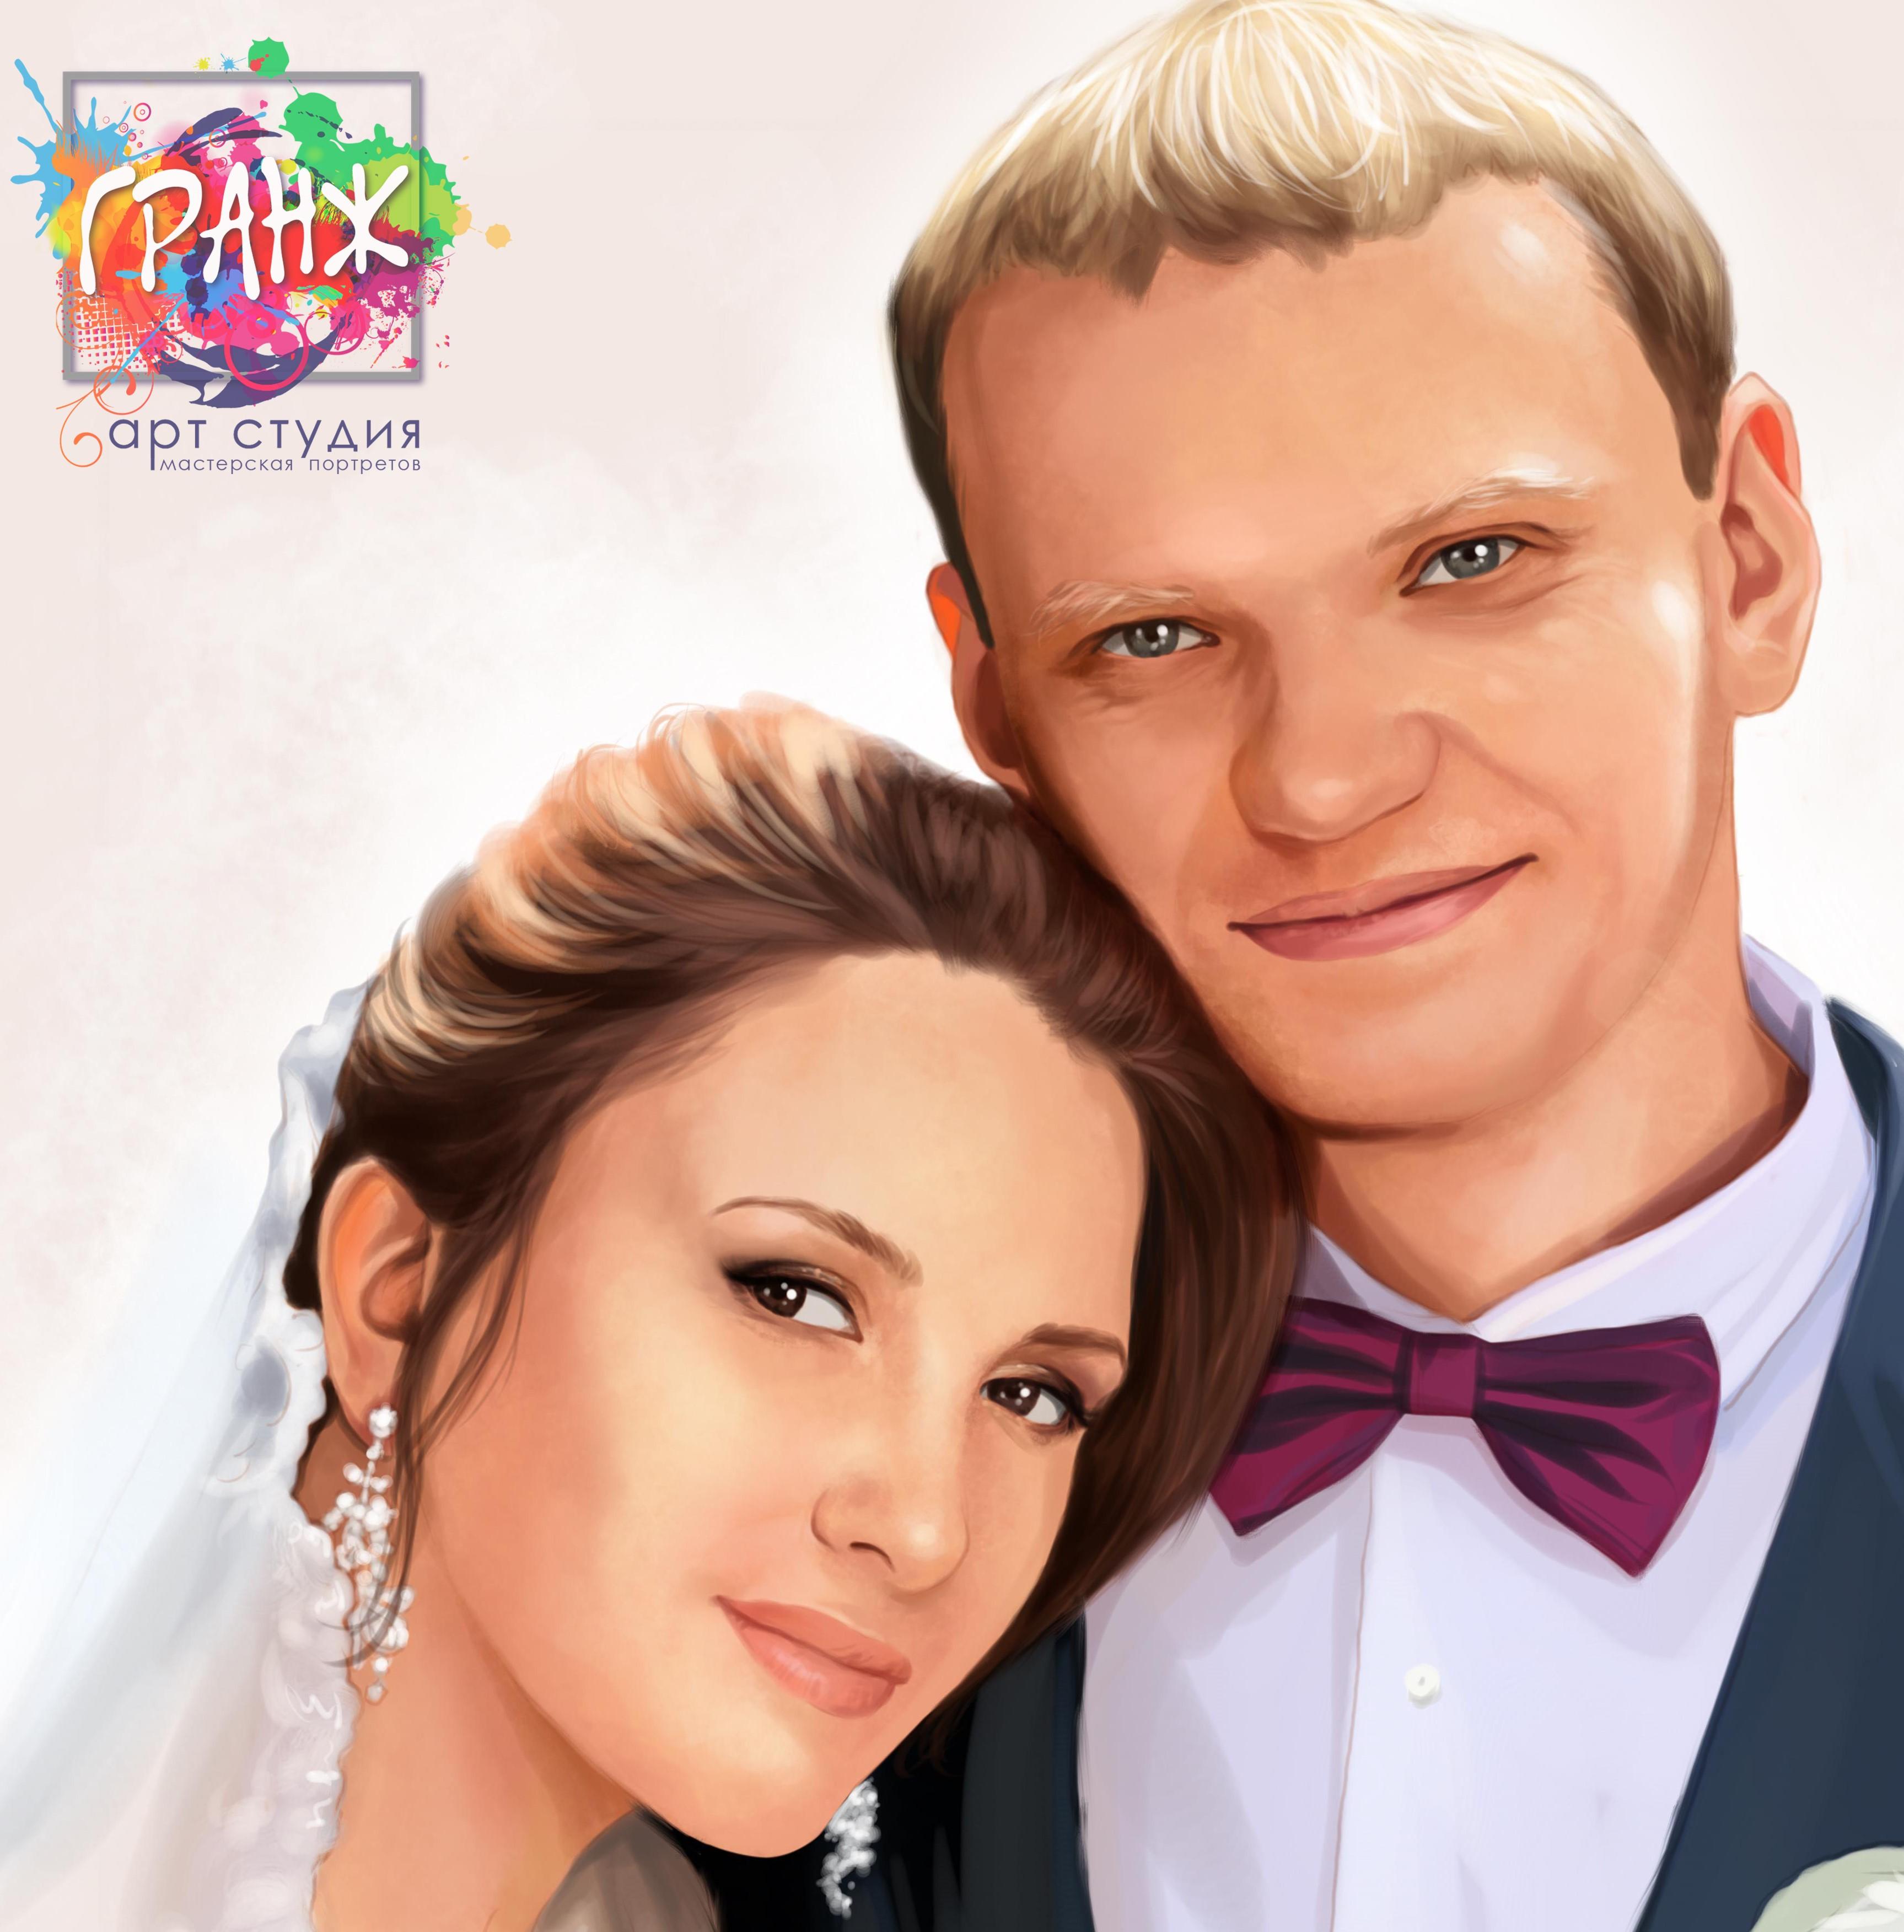 свадебный портрет на заказ